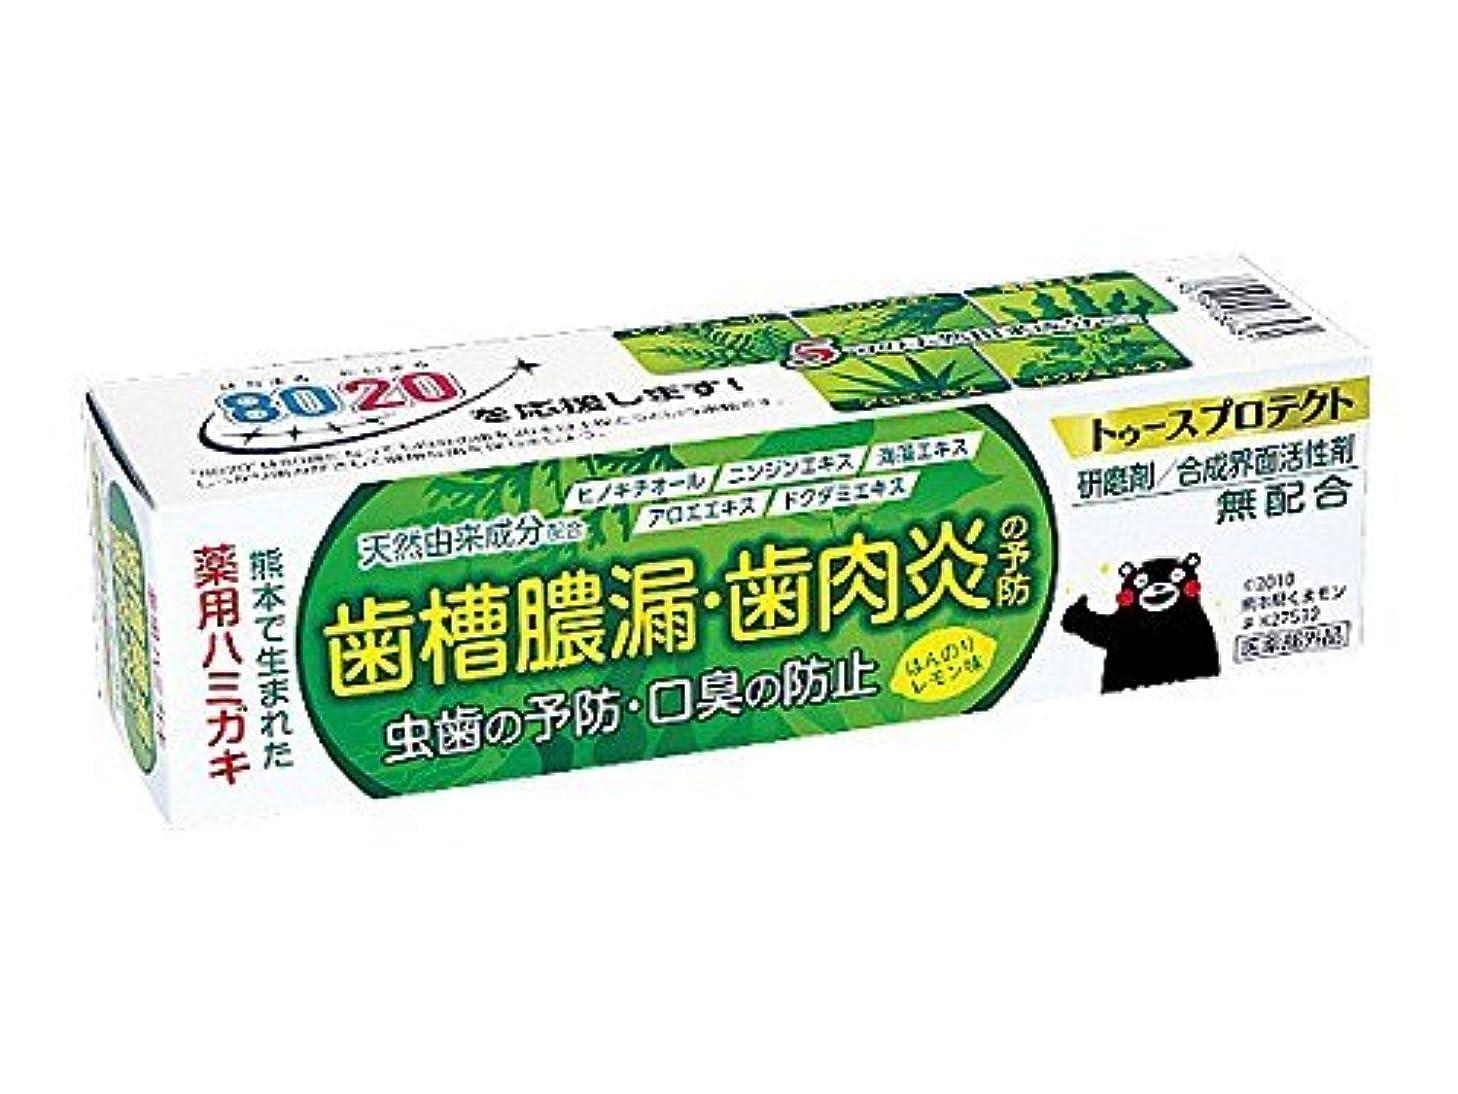 各病買い手【5個セット】 薬用ハミガキ トゥースプロテクト ほんのりレモン味 100g×5個セット